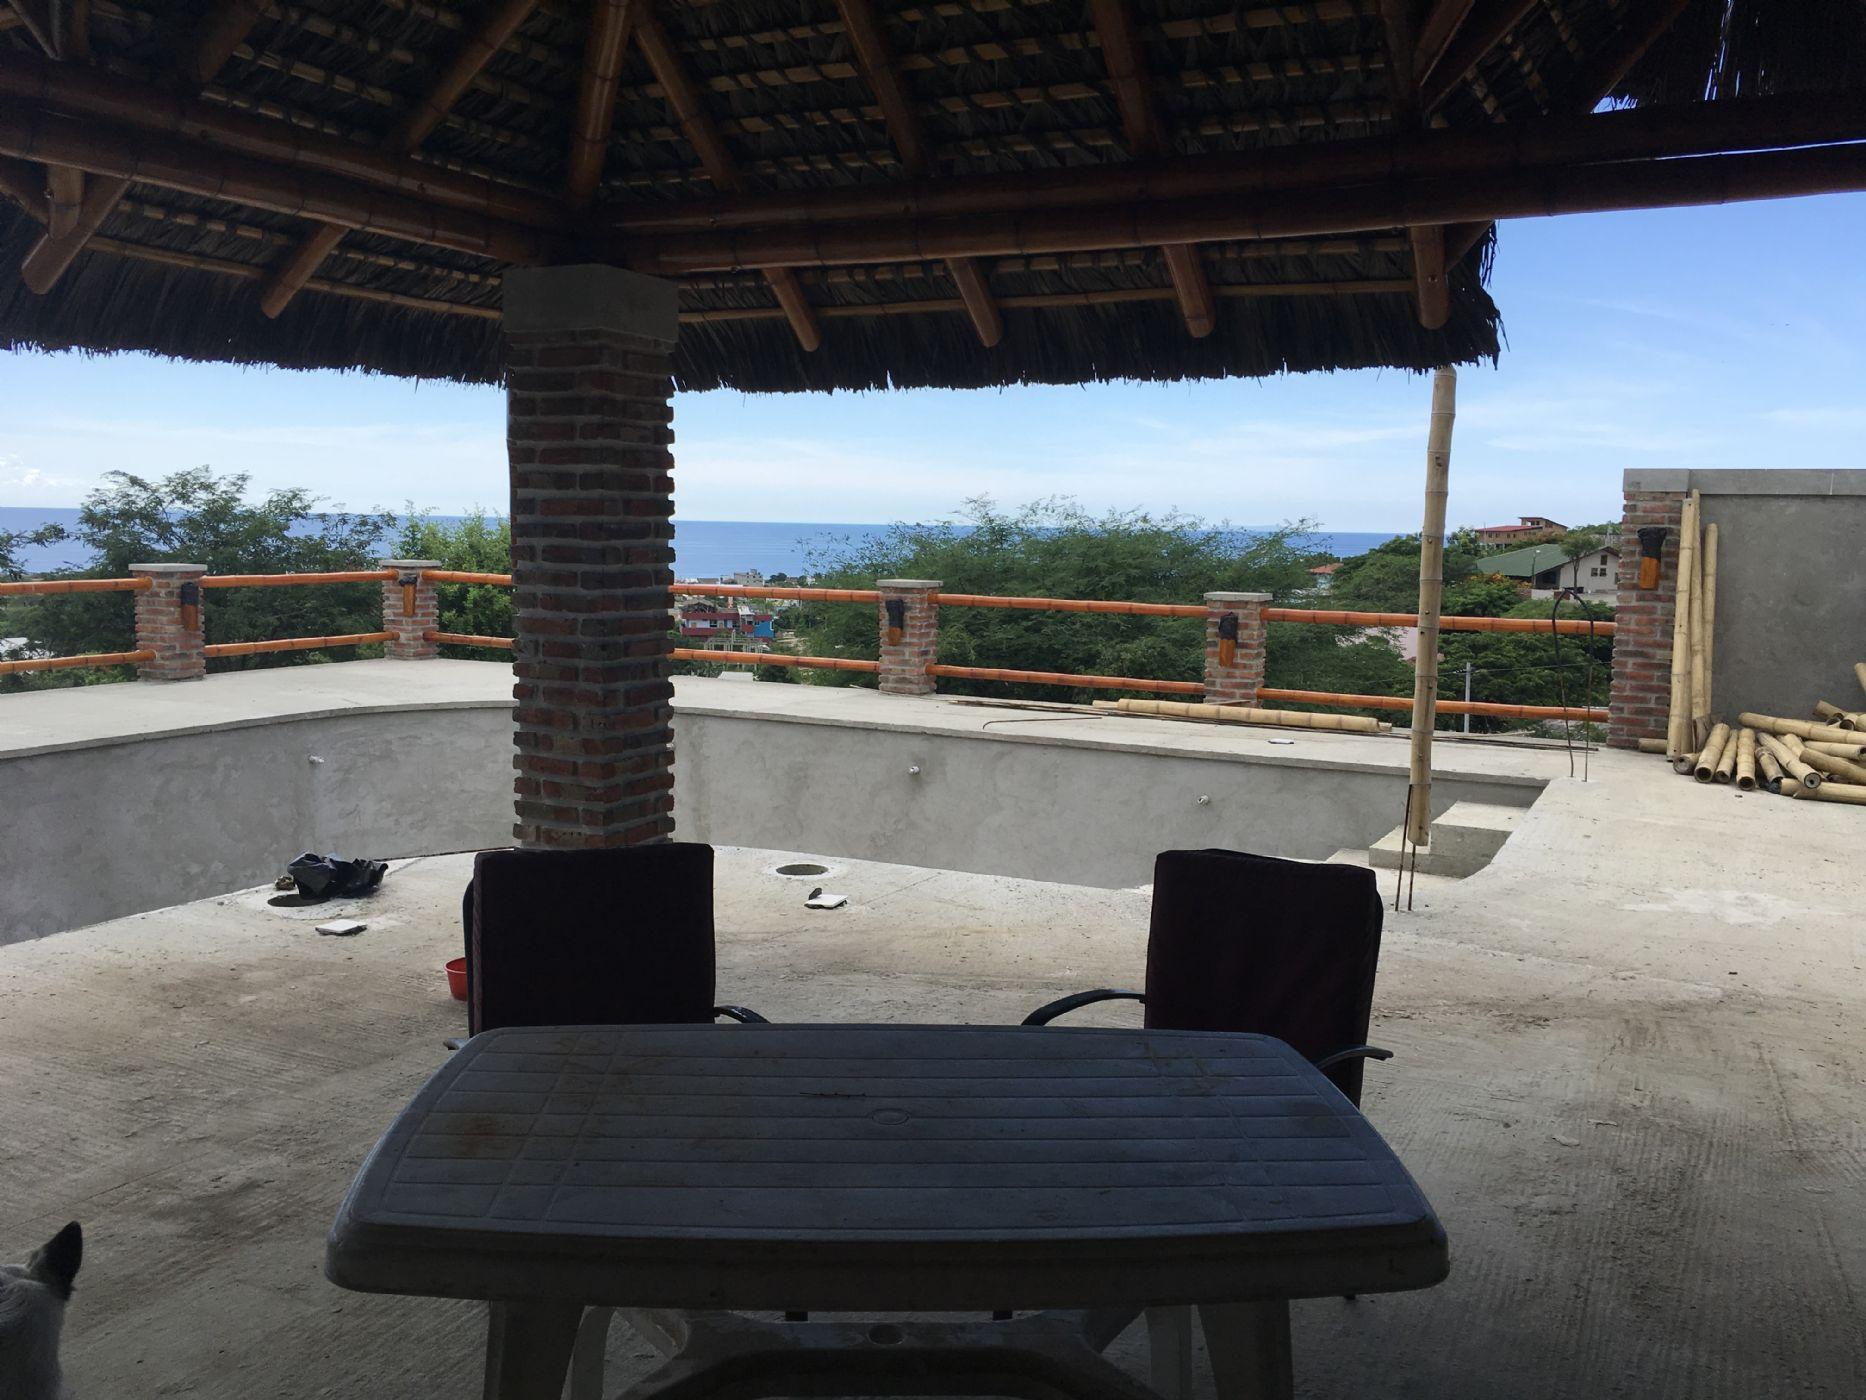 Puerto-Lopez-Ecuador-property-500544-9.JPG